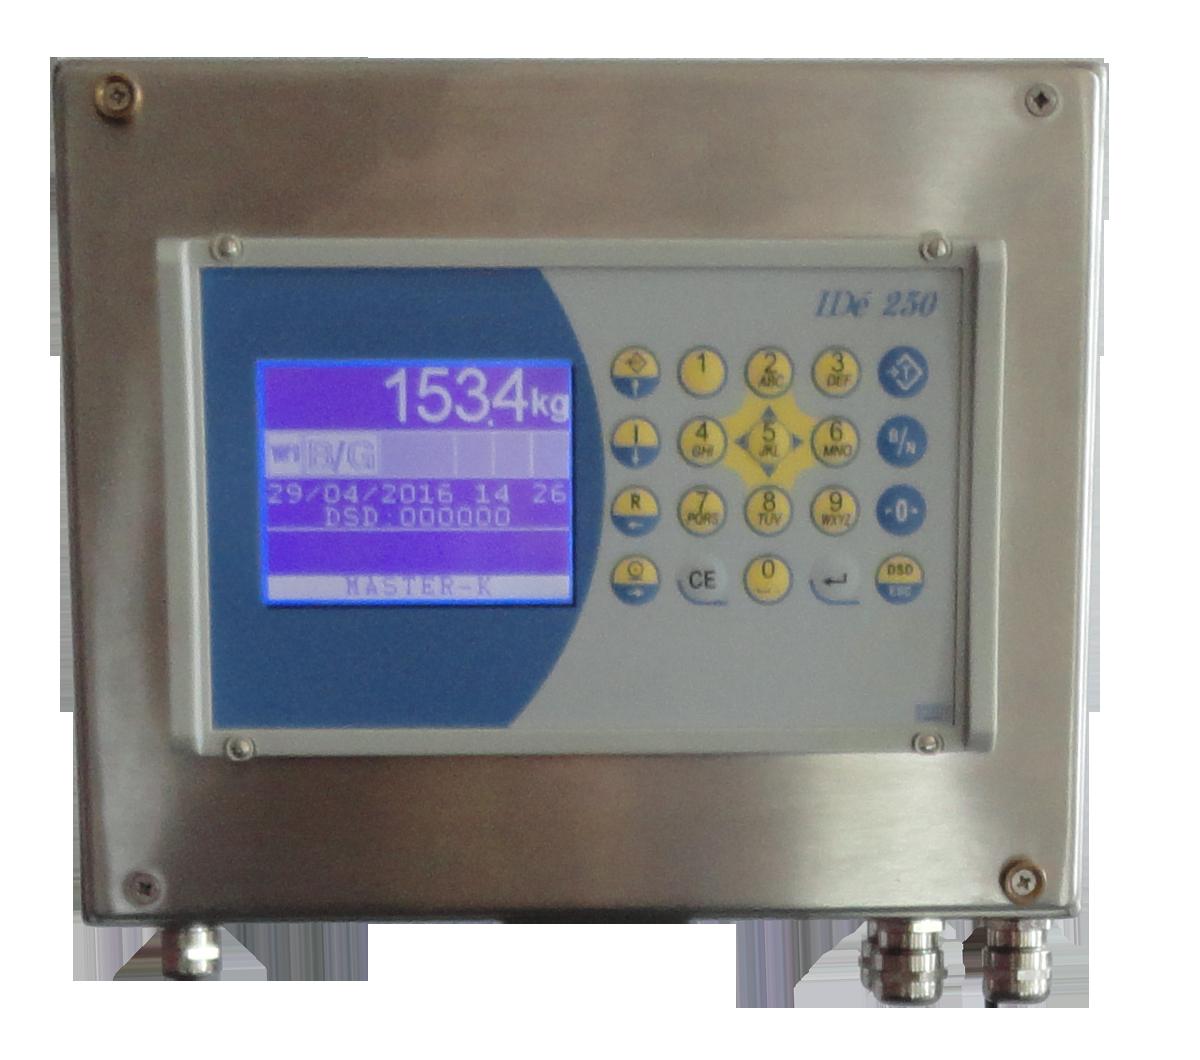 inox-weight indicator weighing